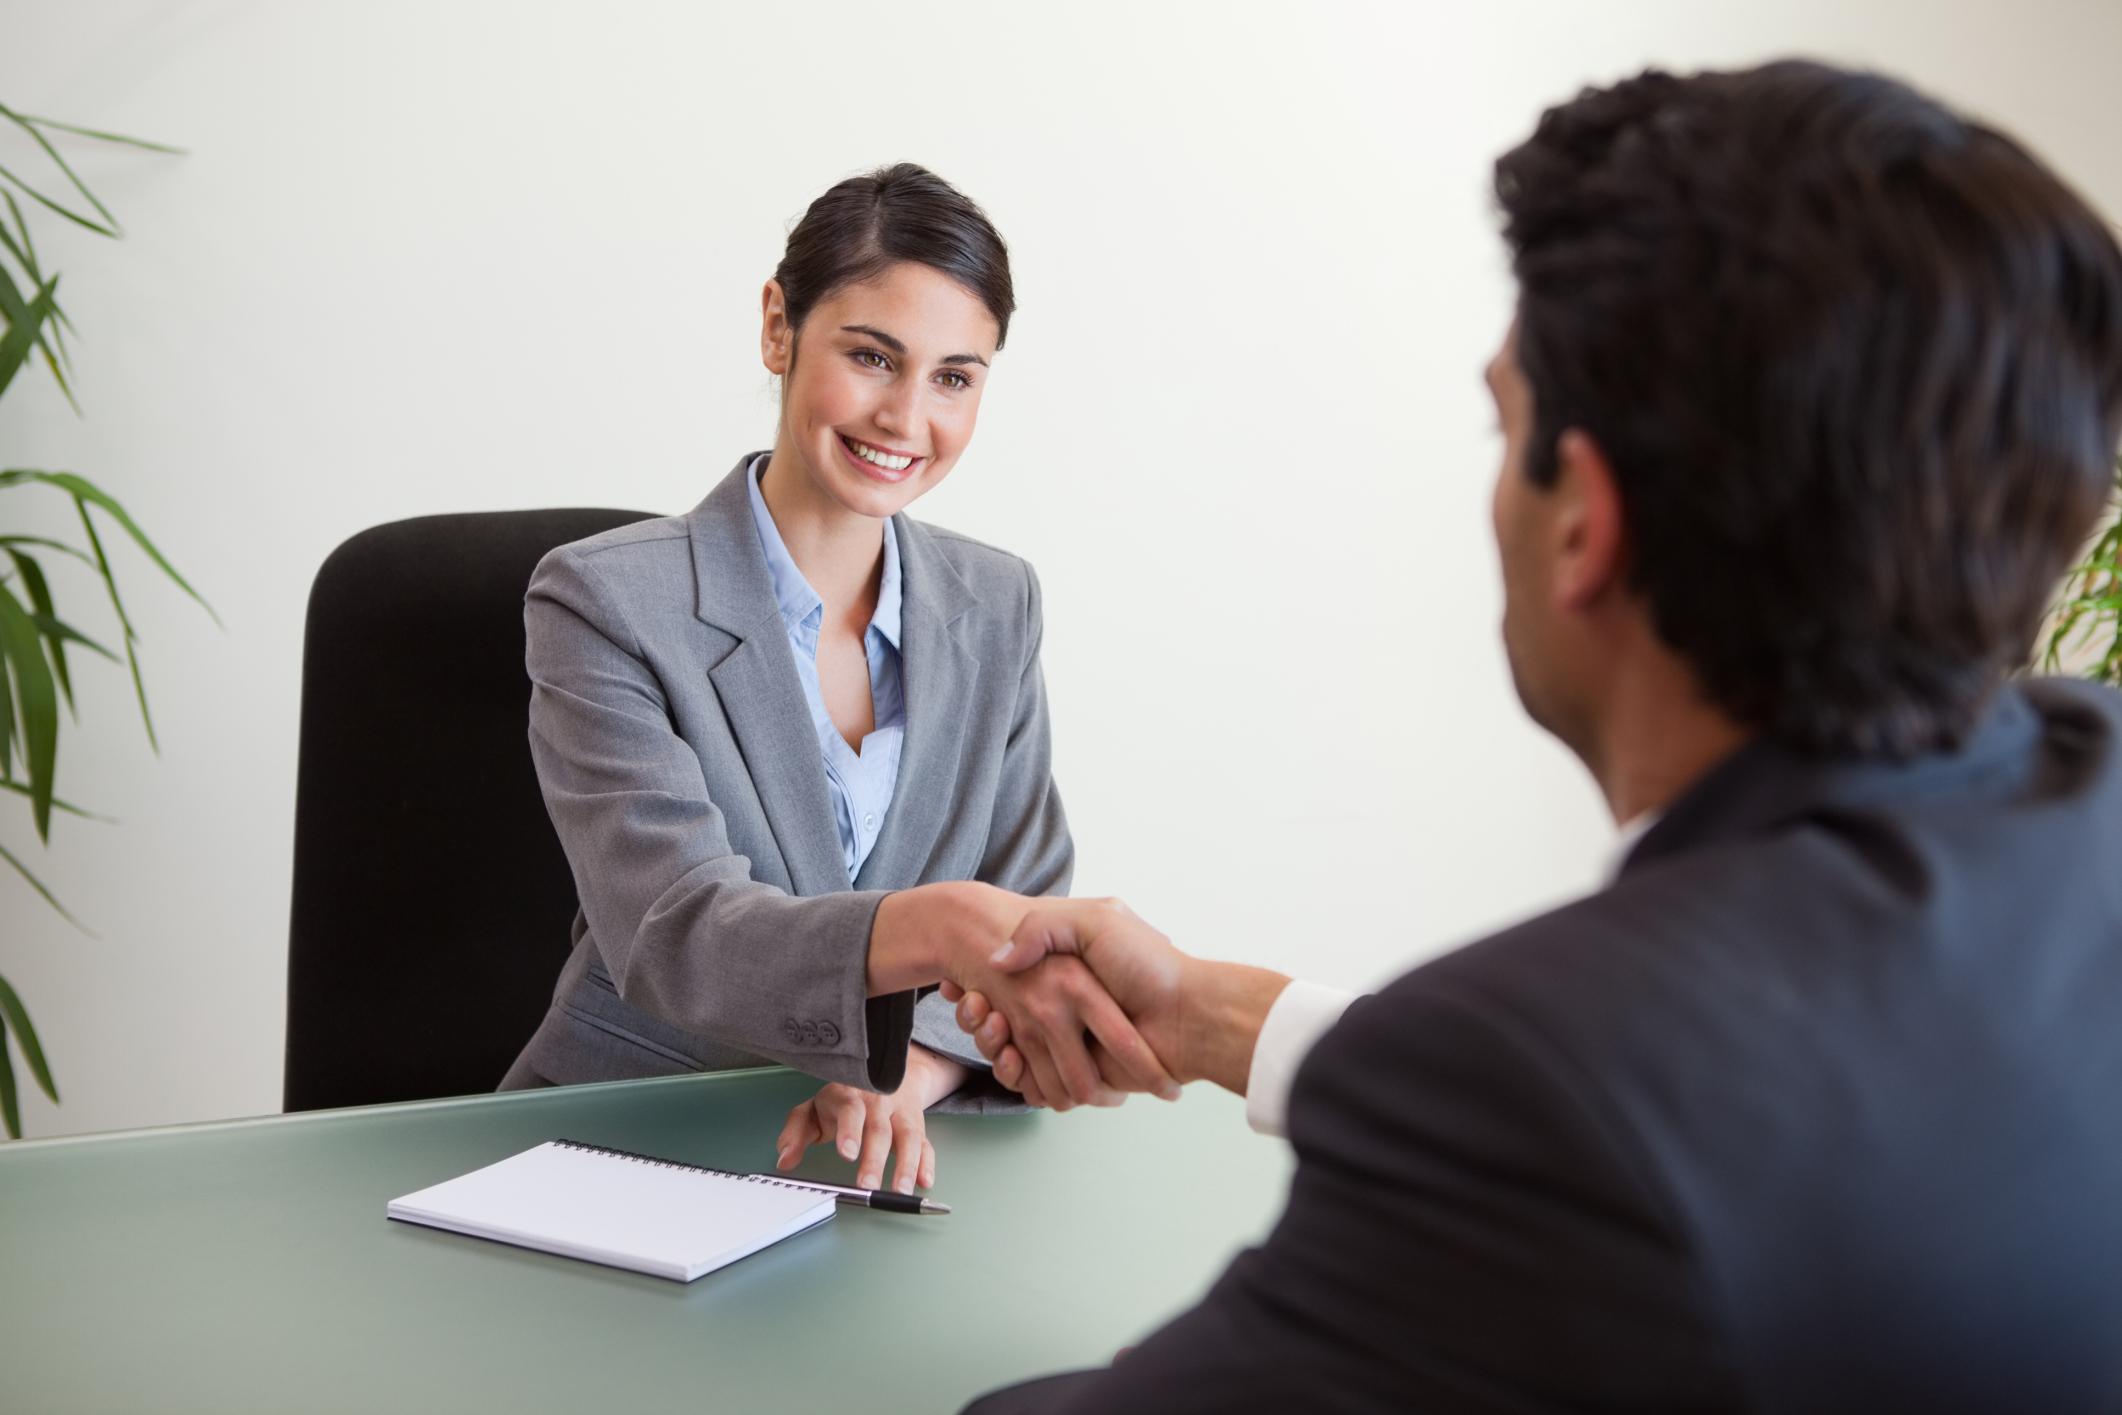 картинка клиентский менеджер можно окрестить временем